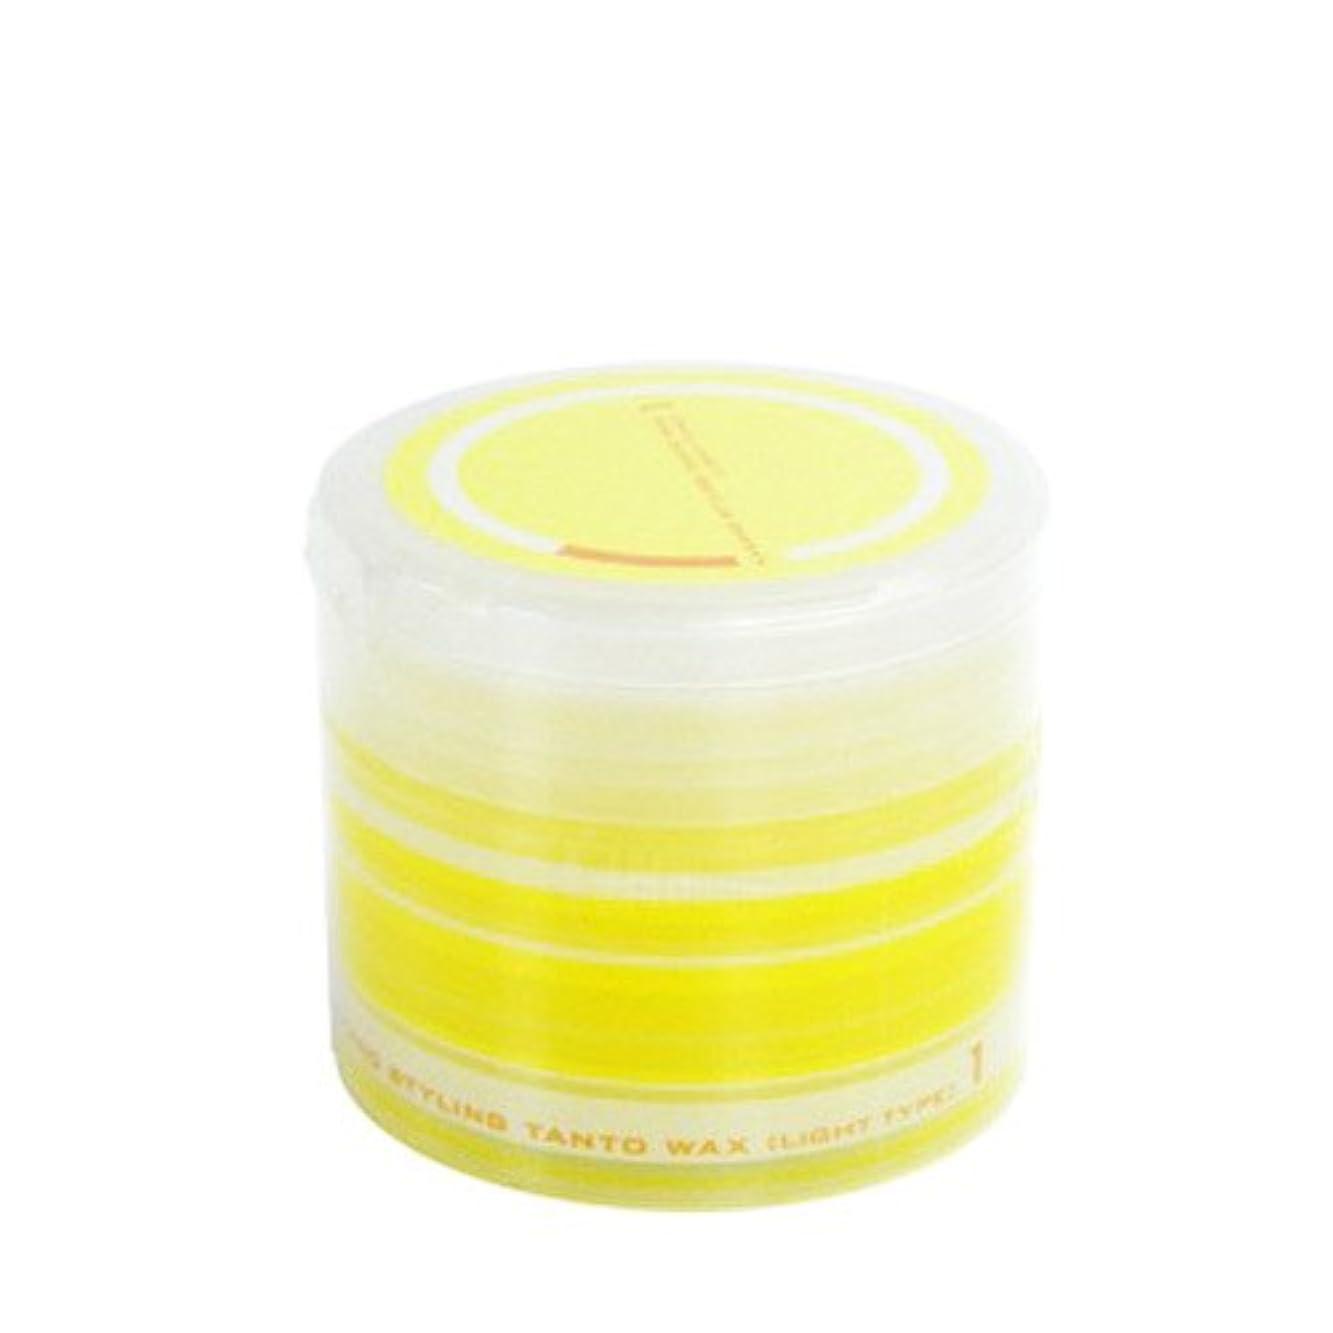 ナカノ スタイリング タント ワックス 1 ライトタイプ